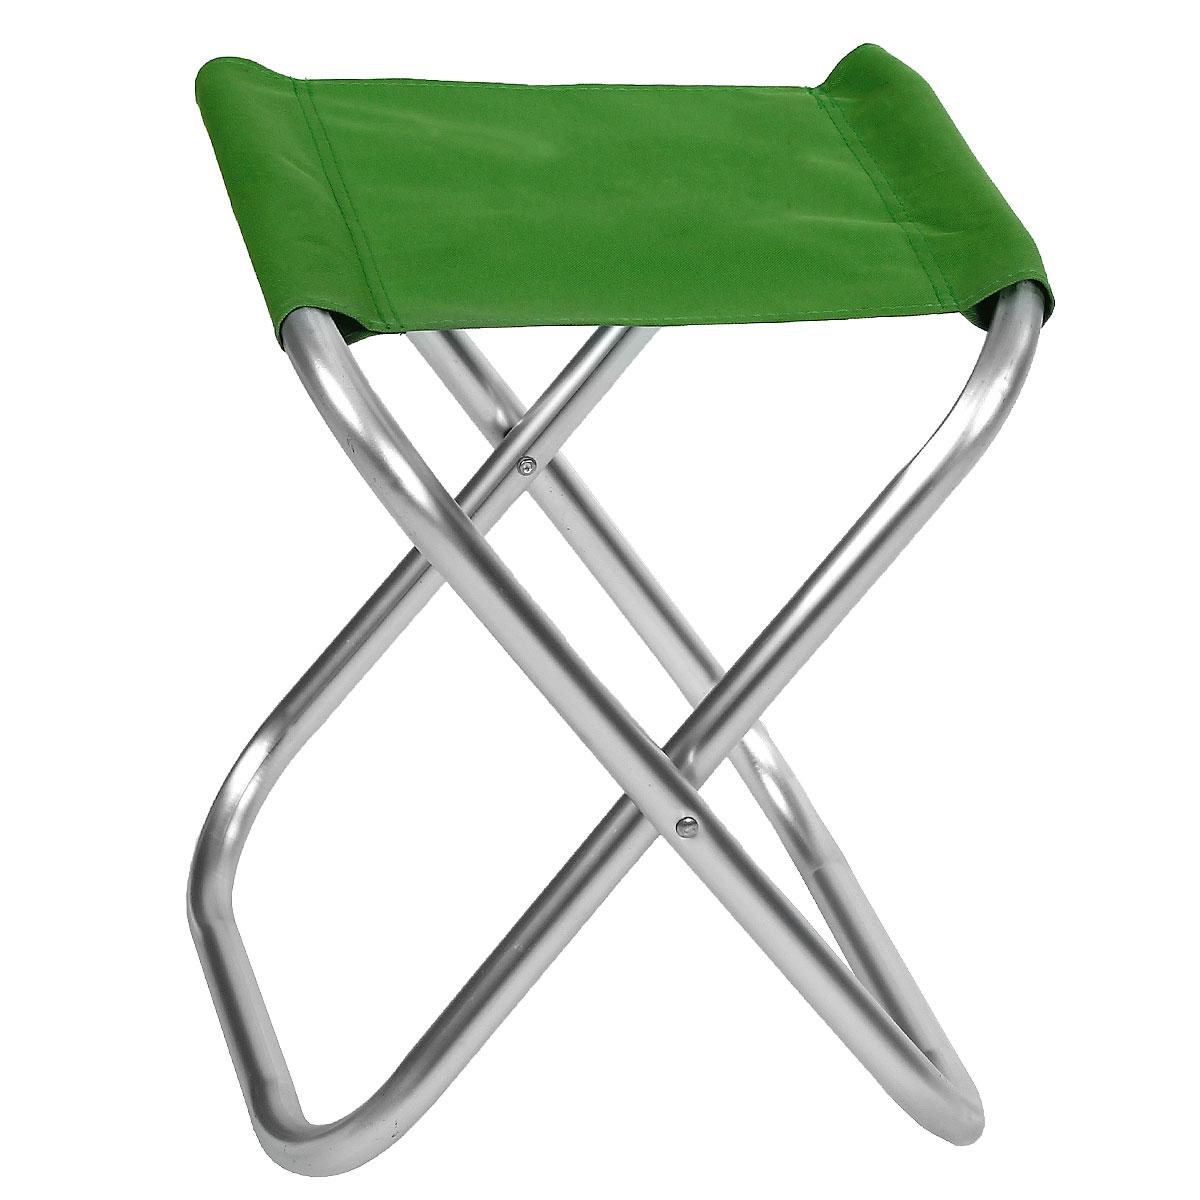 Стул складной Happy Camper, цвет: зеленыйЛК-8107Стул складной Happy Camper - это незаменимый предмет походной мебели, очень удобен в эксплуатации. Каркас изготовлен из прочного и долговечного алюминиевого сплава, устойчивого к погодным условиям. Стул легко собирается и разбирается и не занимает много места, поэтому подходит для транспортировки и хранения дома. Складное кресло прекрасно подойдет для комфортного отдыха на даче или в походе.Материал: 600D ПВХ, каркас - алюминий, диаметром 24 мм.Максимальная нагрузка: 60 кг.